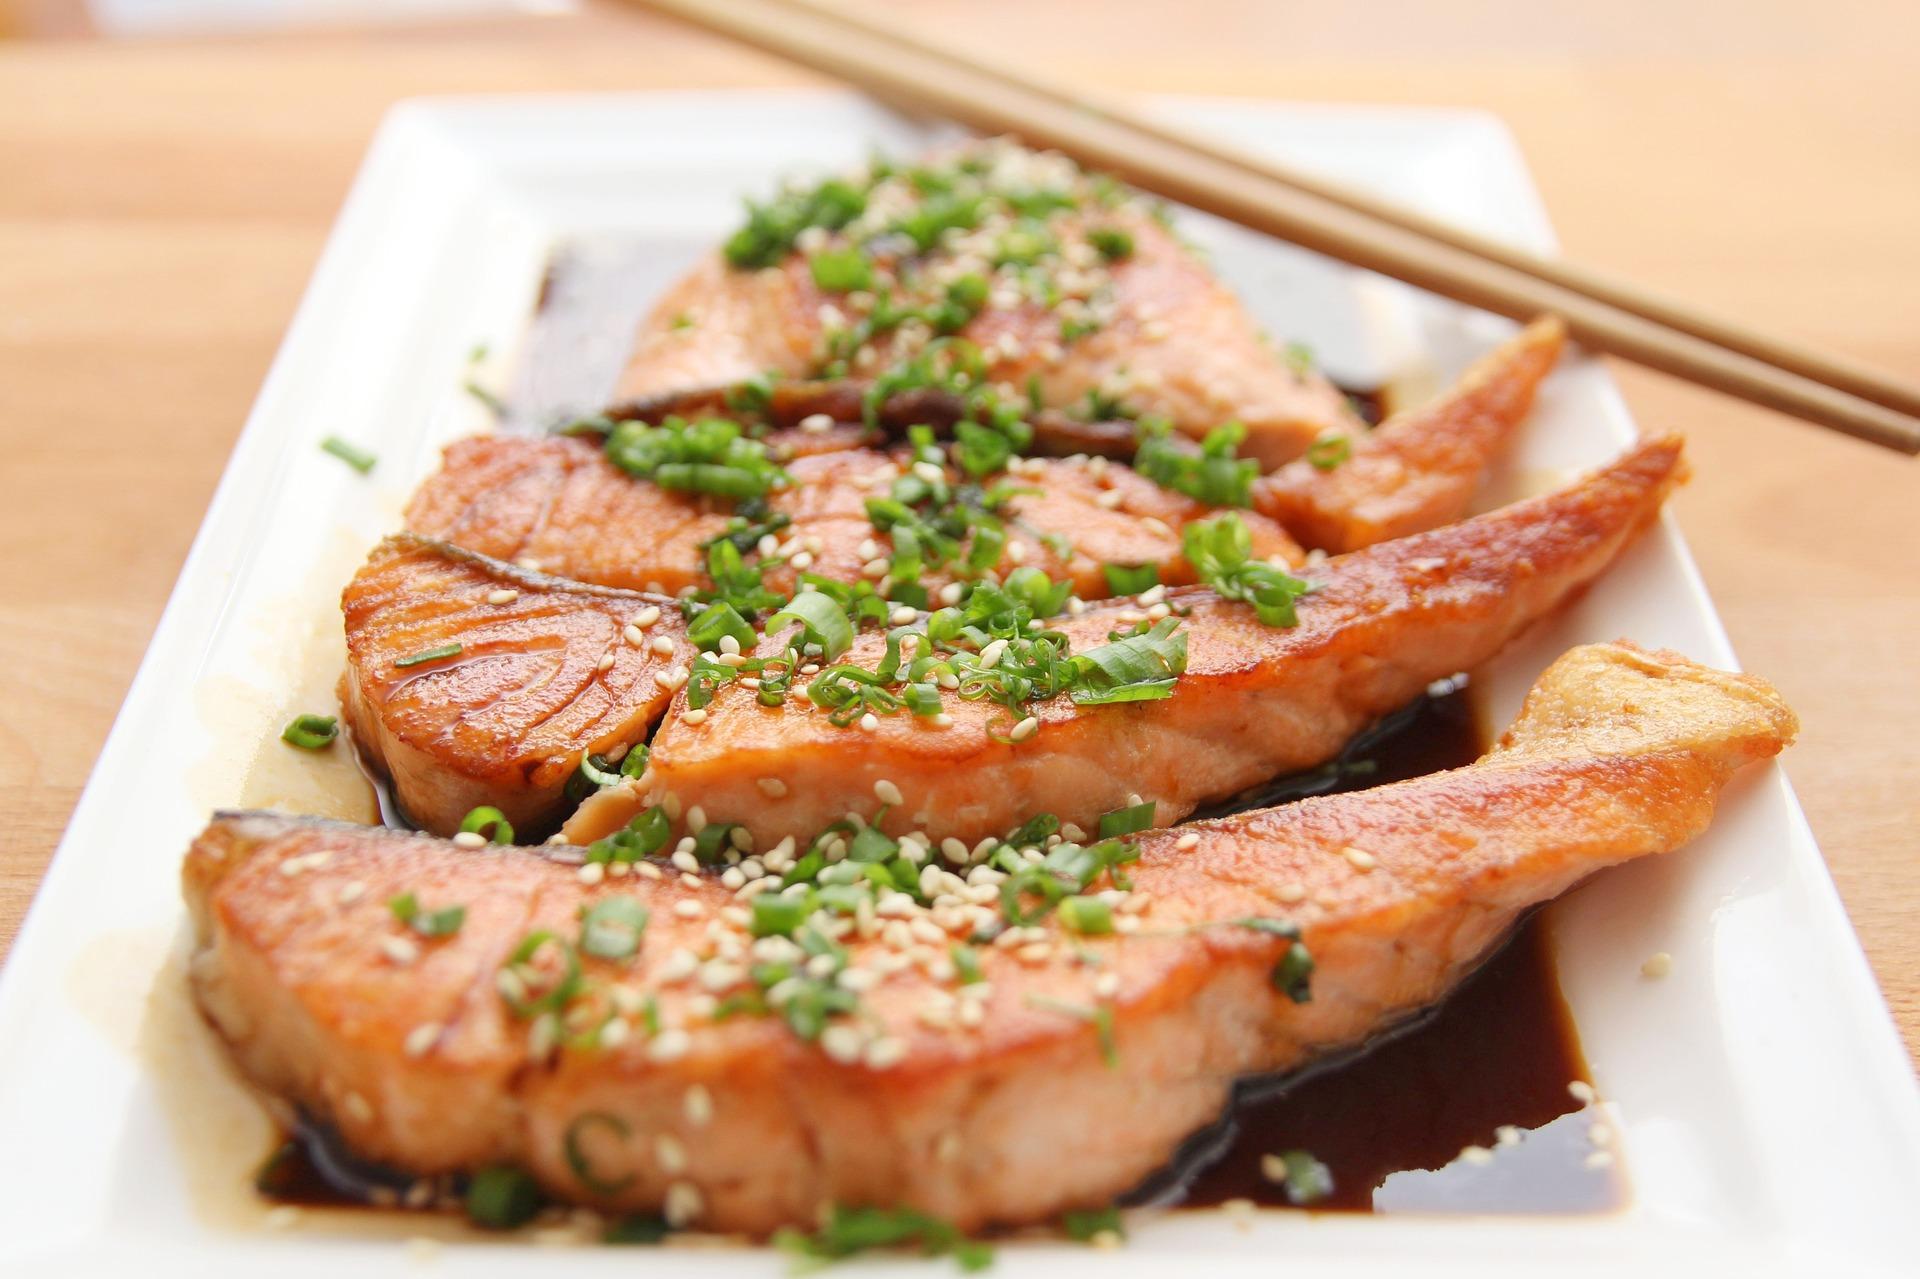 Previene la obesidad comiendo pescado